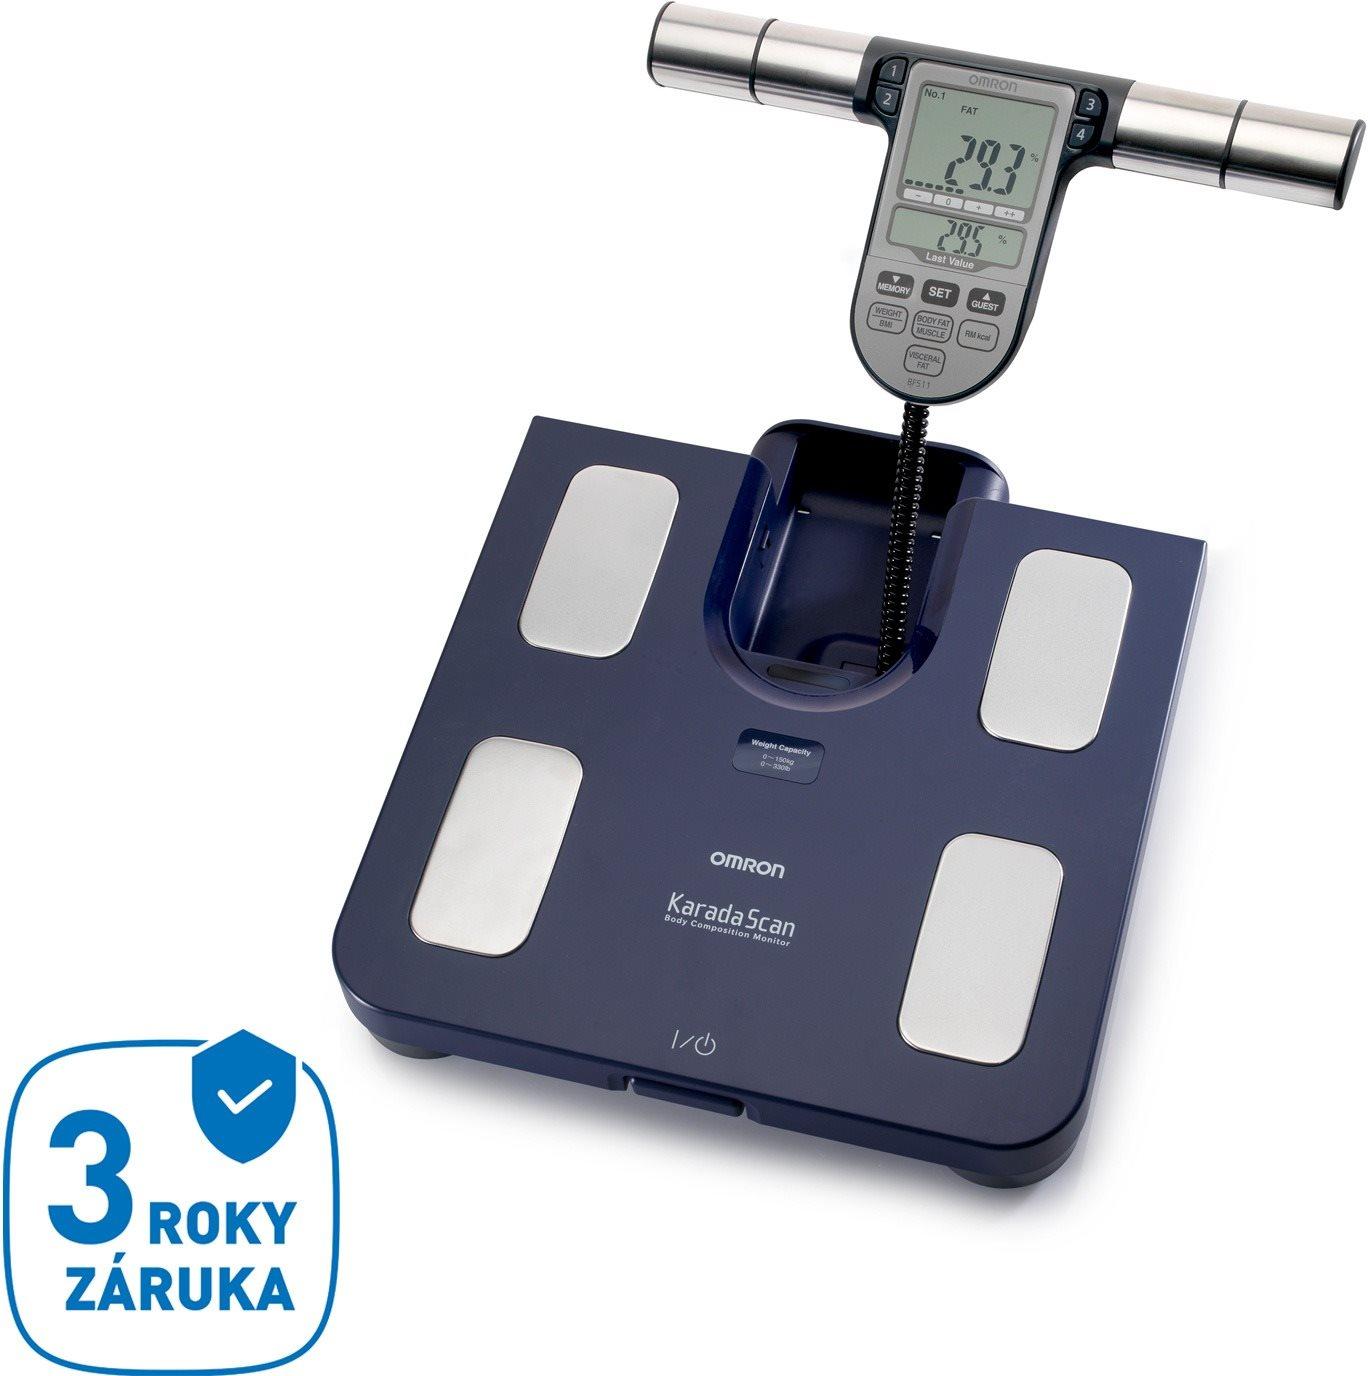 Osobní váha OMRON Monitor skladby lidského těla s lékařskou váhou BF511-B